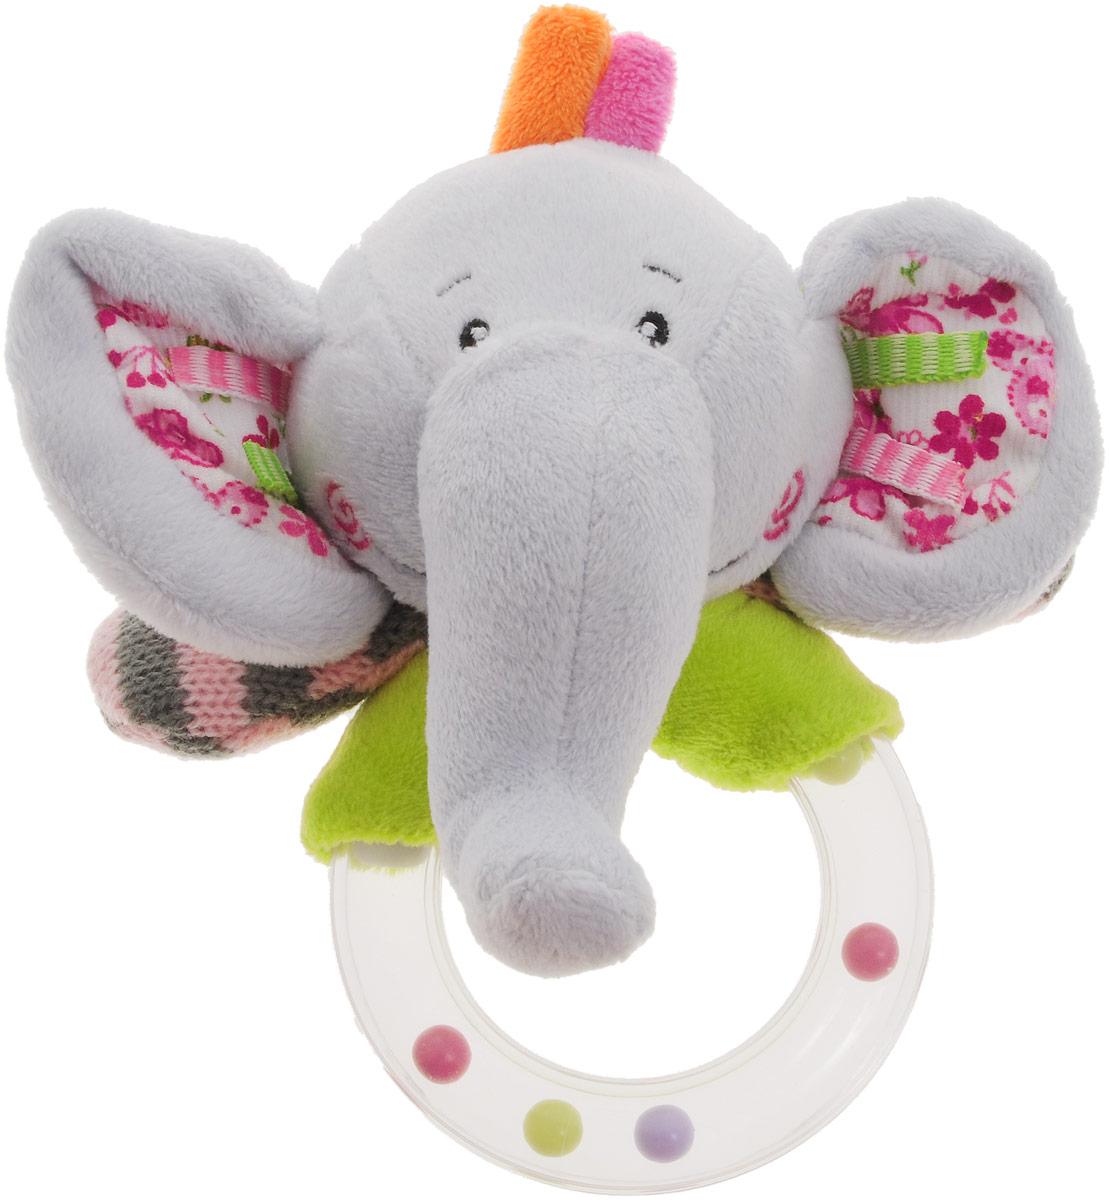 Жирафики Погремушка Слон93585Забавная погремушка Жирафики Слон поднимет вашему малышу настроение и непременно вызовет улыбку! Игрушка выполнена из мягкого, приятного на ощупь материала различных фактур в виде слоника. Туловище слоника выполнено в виде пластикового прозрачного кольца, содержащего разноцветные шарики, которые перекатываются и весело гремят при встряхивании игрушки. Игрушка очень удобна для маленьких детских ручек. Малыш сможет ее держать, перекладывать из одной ручки в другую. Игрушка способствует развитию слухового, зрительного и эмоционального восприятия, тактильных ощущений, мелкой моторики.